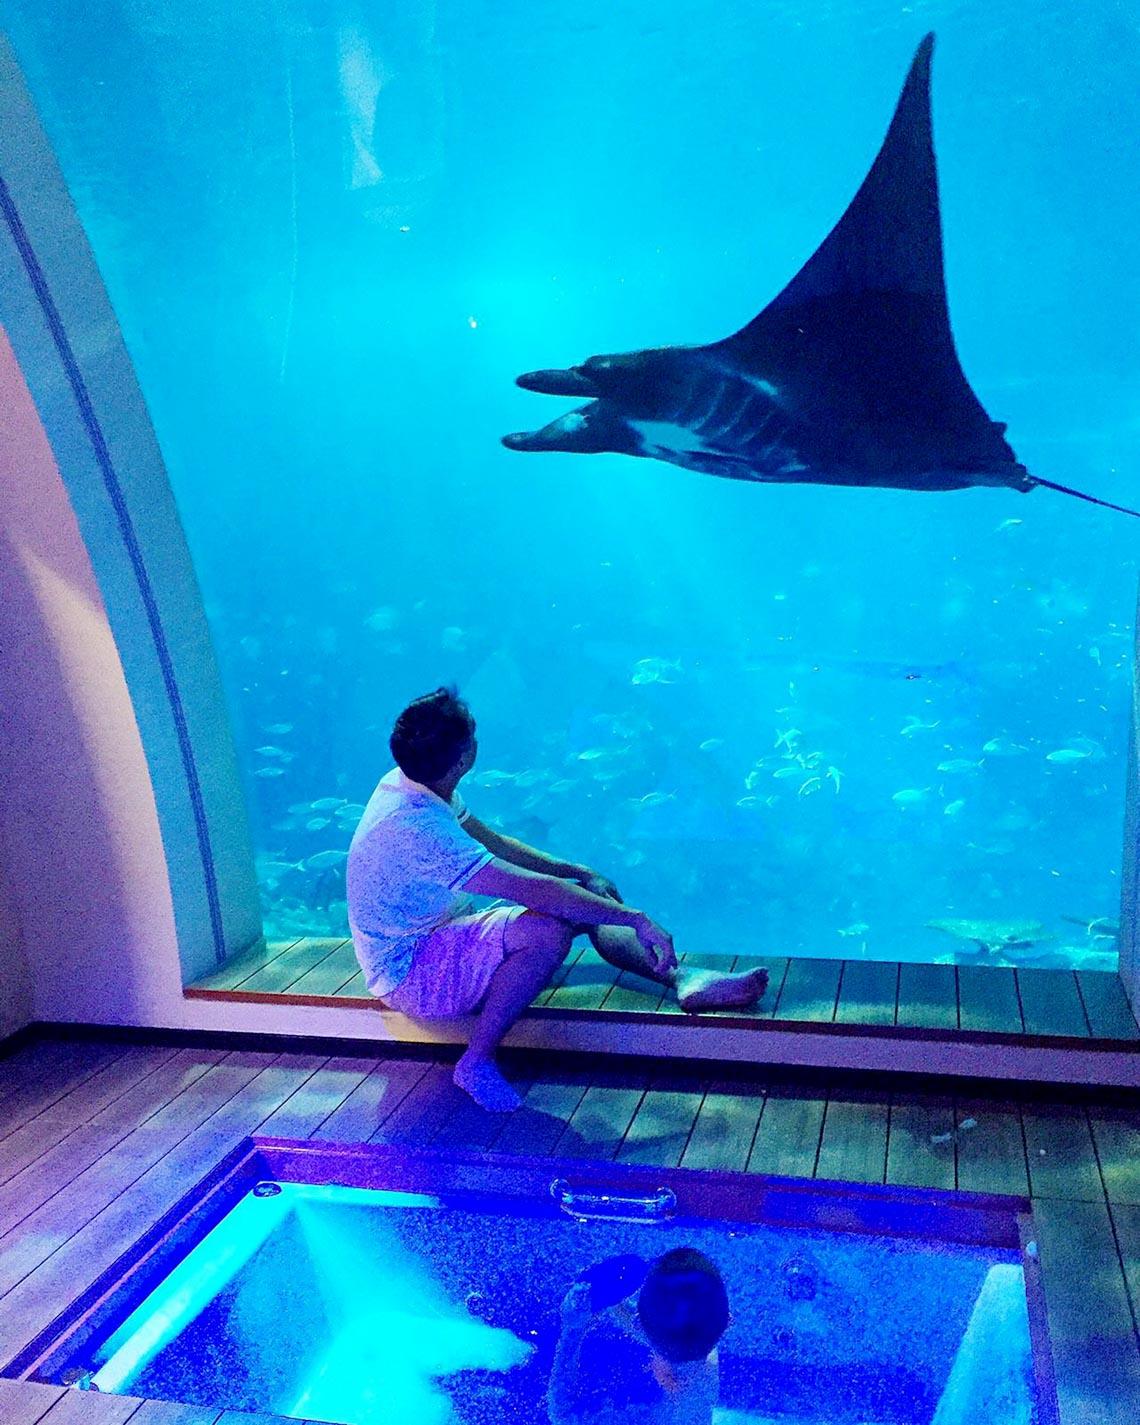 Ngồi trong phòng ngắm cảnh dưới biển -17